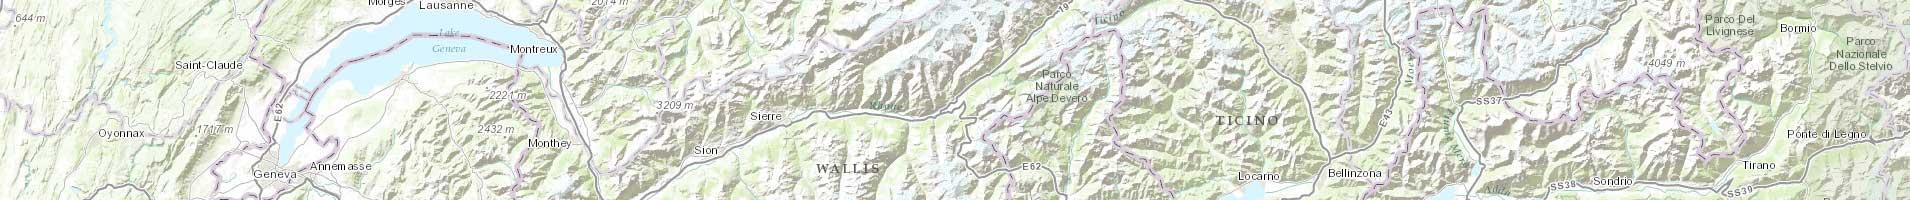 Carte topographique Monde / ESRI 3e niveau d'agrandissement